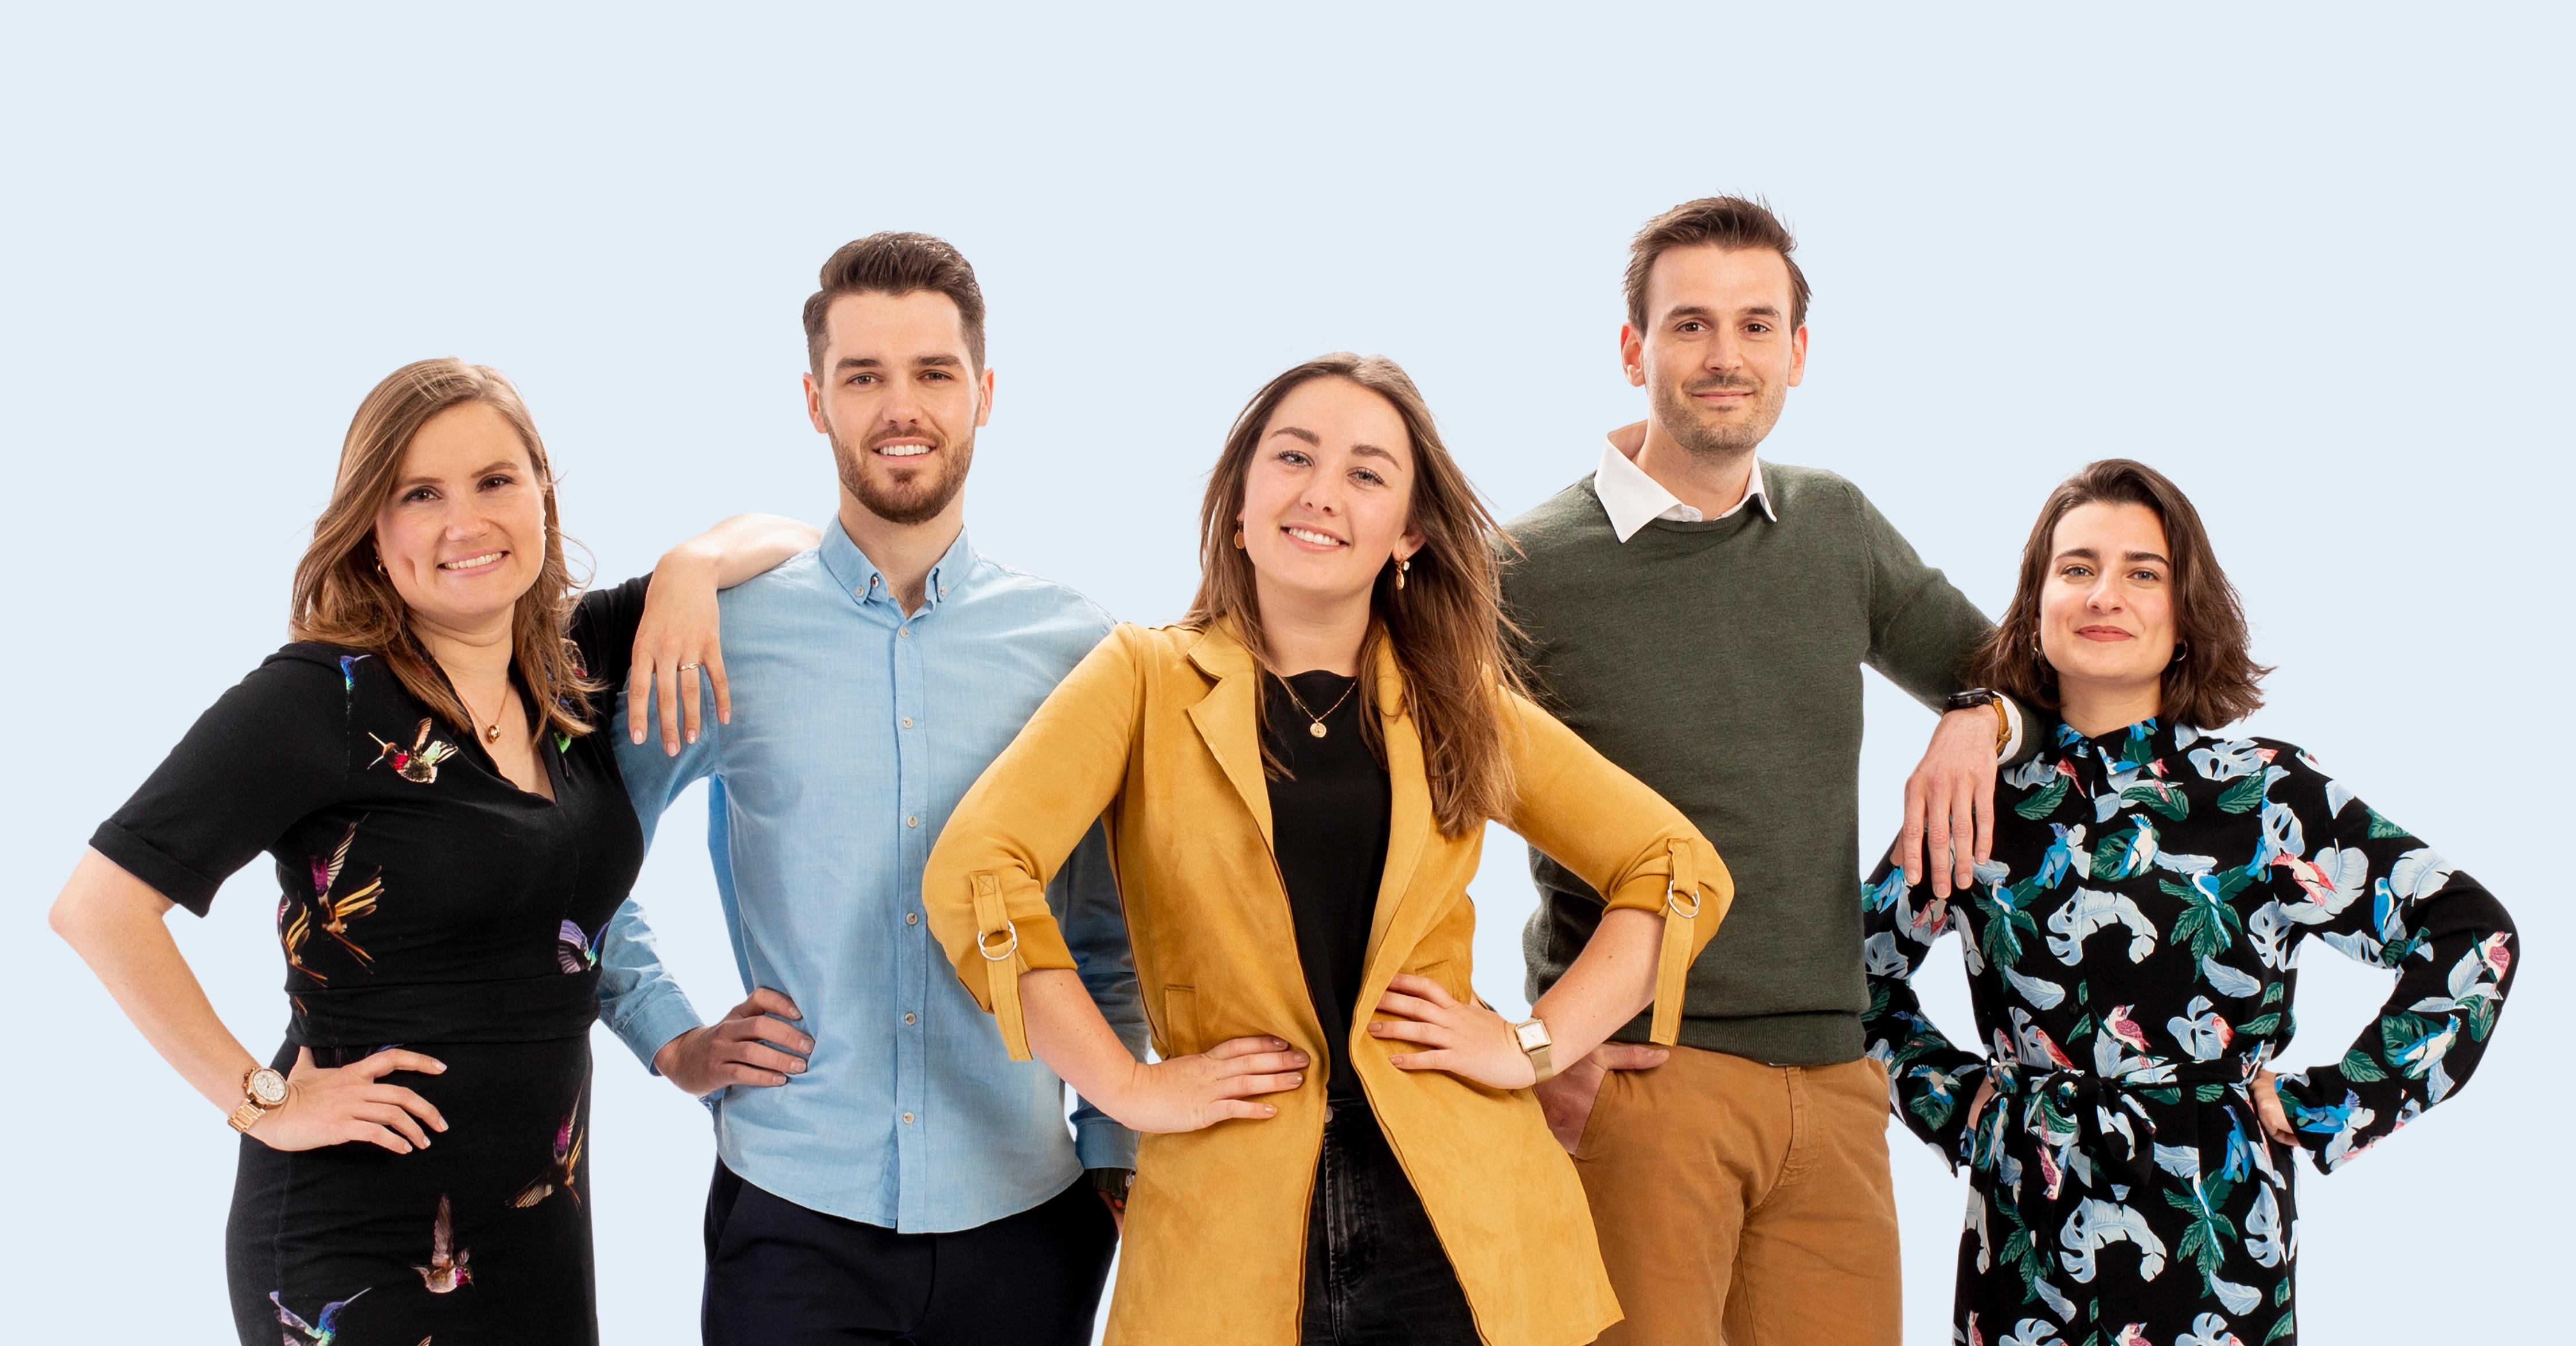 Jong talent als kartrekker van digitale verandering